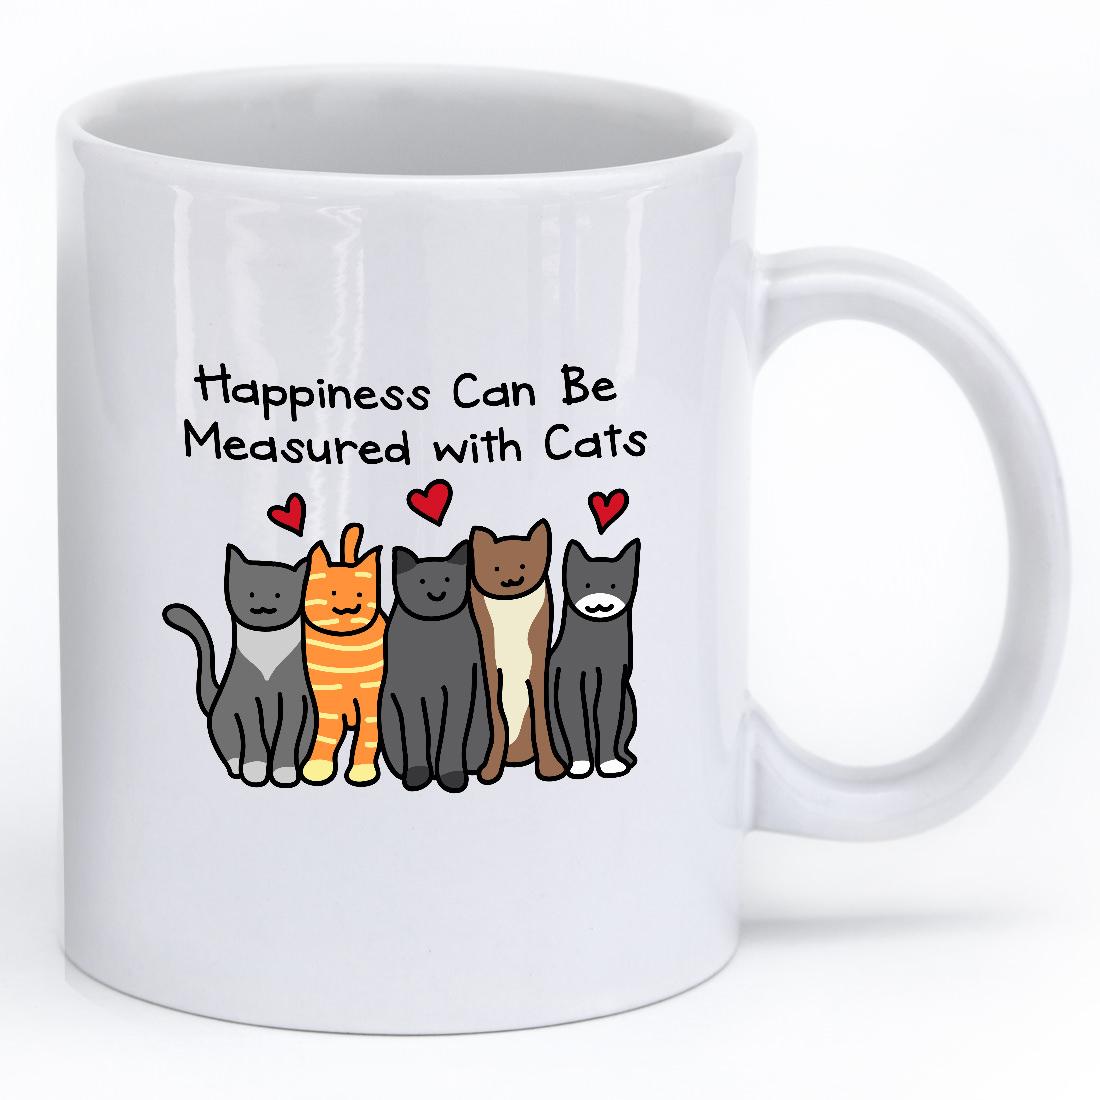 kitteh mug